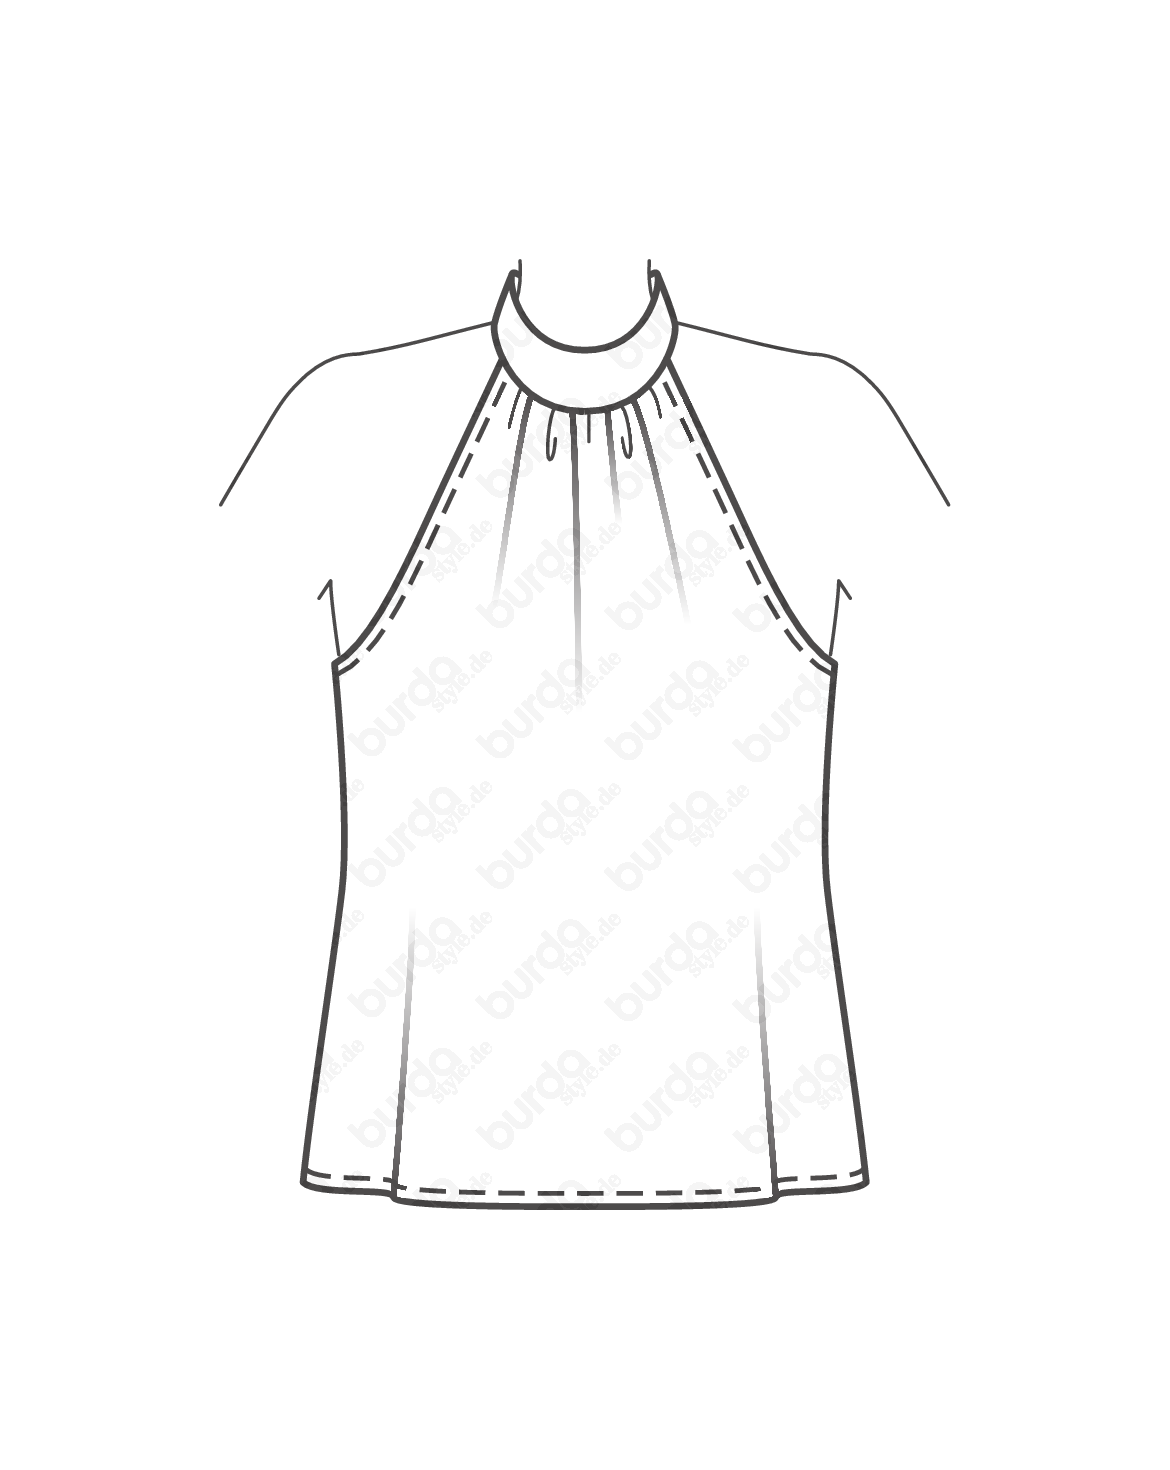 Schnittmuster · Neckholder Bluse · Erinnert an mondäne Tops der 60s, das Modell mit Stehkragen